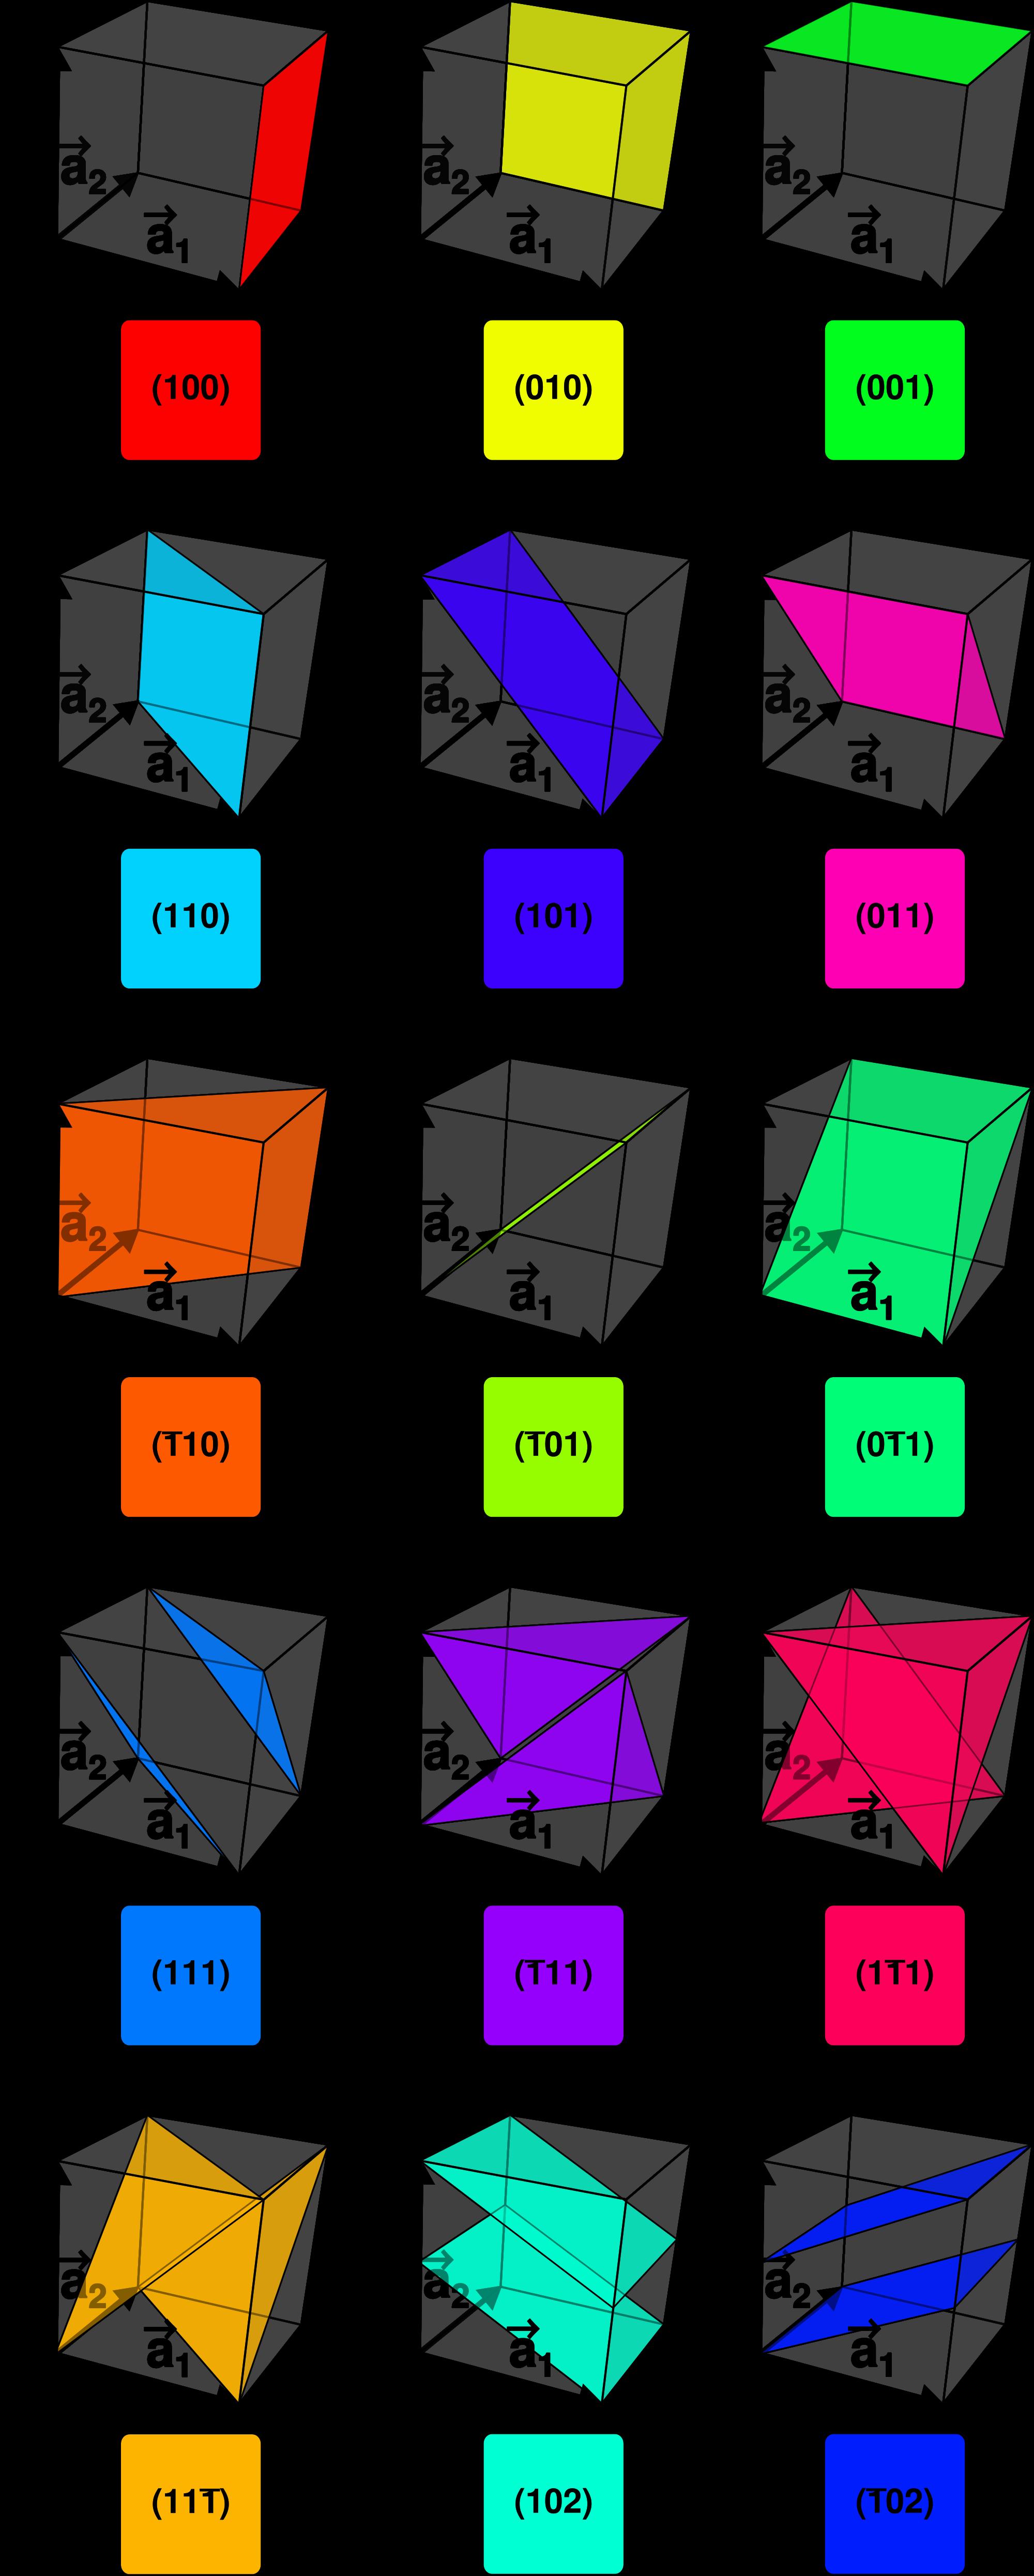 2000px-Miller_Indices_Felix_Kling.svg.png (2000×4983)